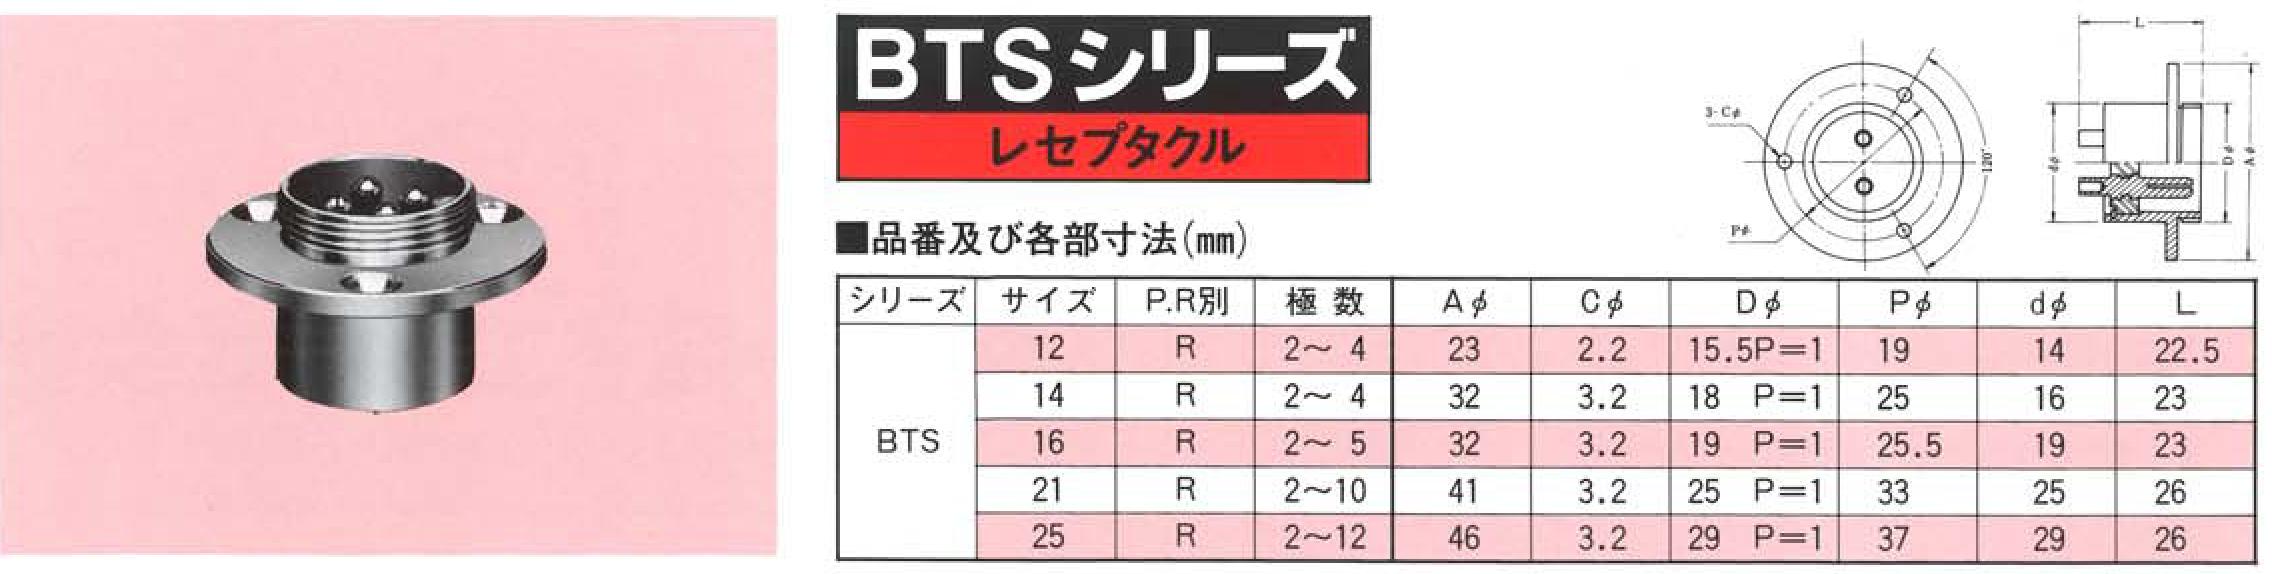 ダイドー電子工業株式会社、BTSシリーズ・レセプタクル